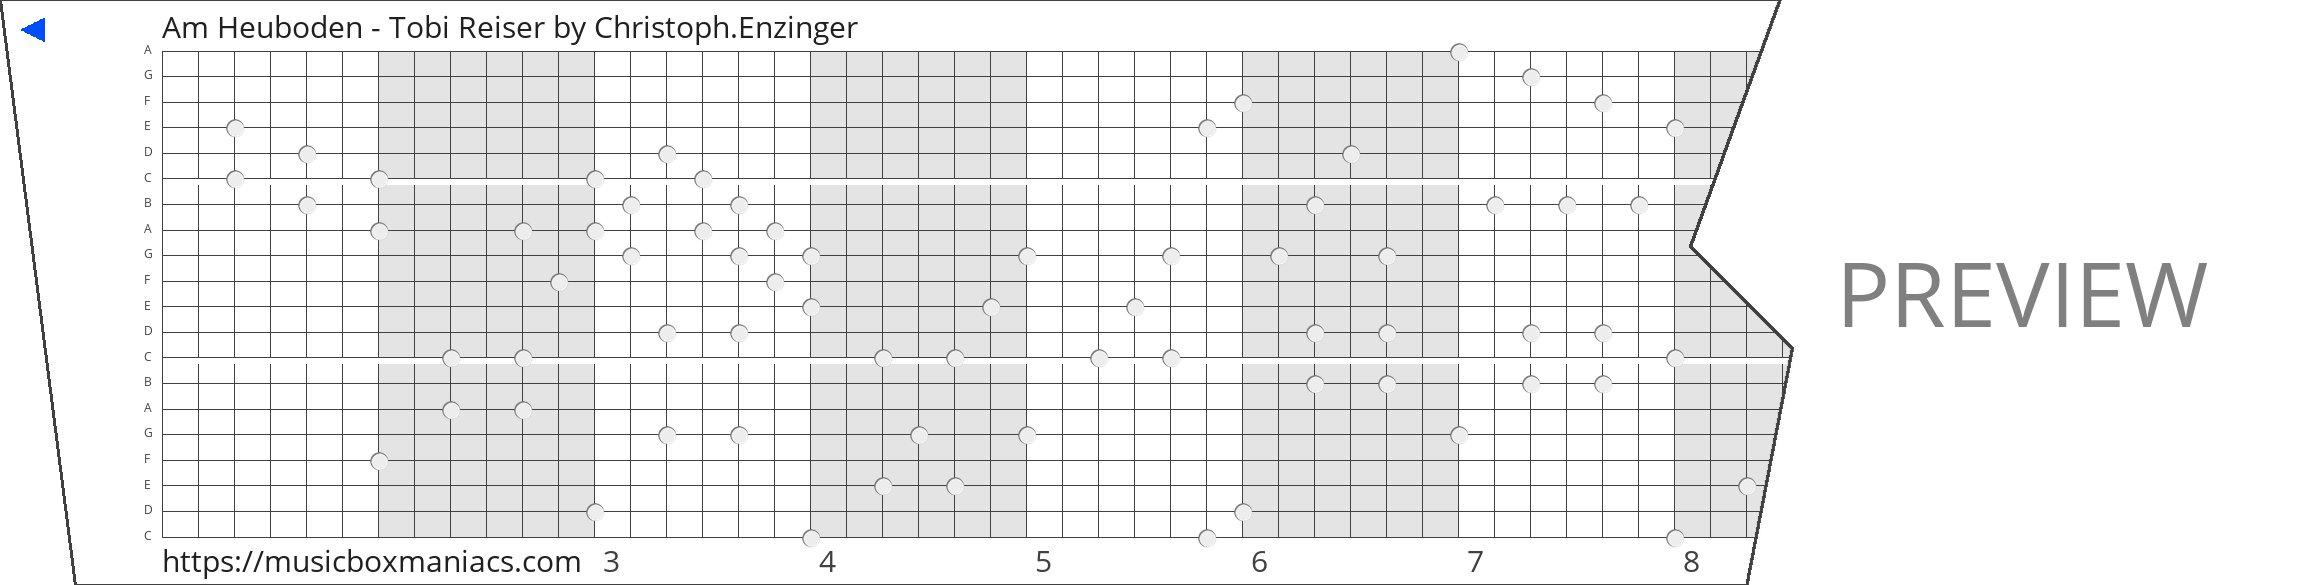 Am Heuboden - Tobi Reiser 20 note music box paper strip